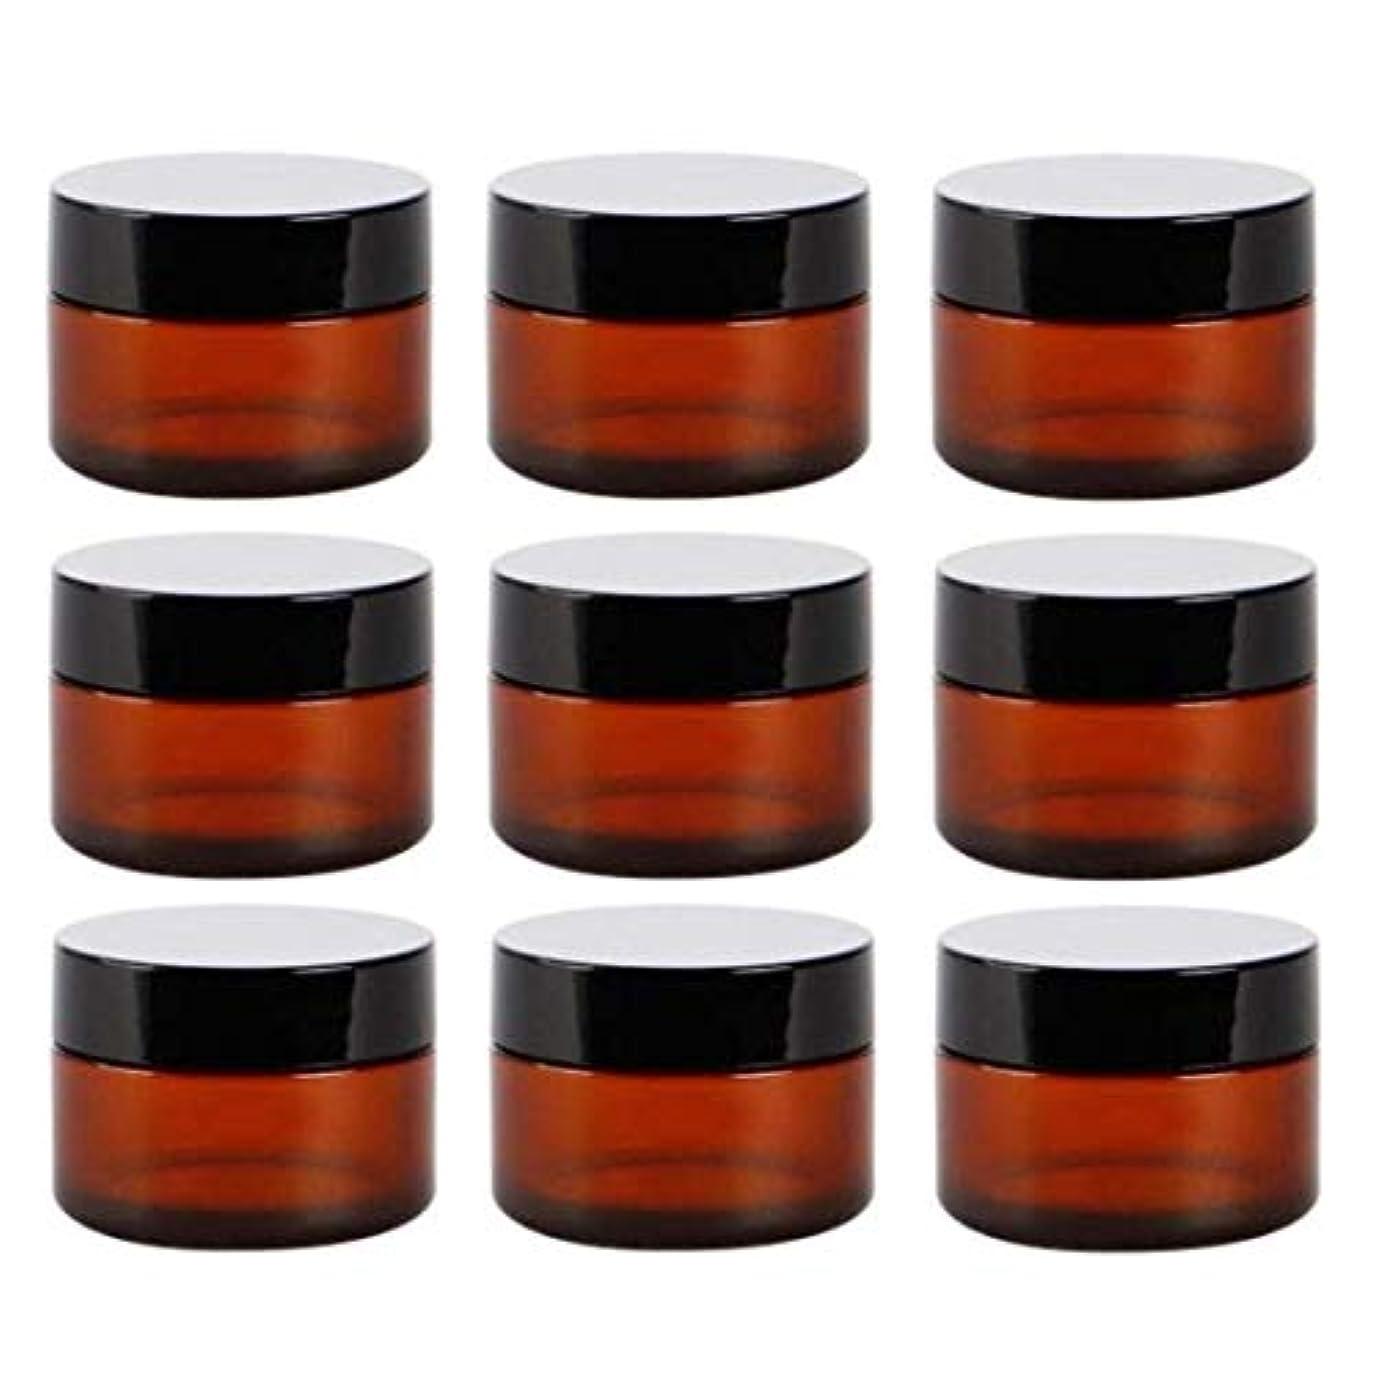 関係するトムオードリース倒錯アロマオイル 精油 香水やアロマの保存 小分け用 遮光瓶 詰替え ガラス製 9本セット茶色10g